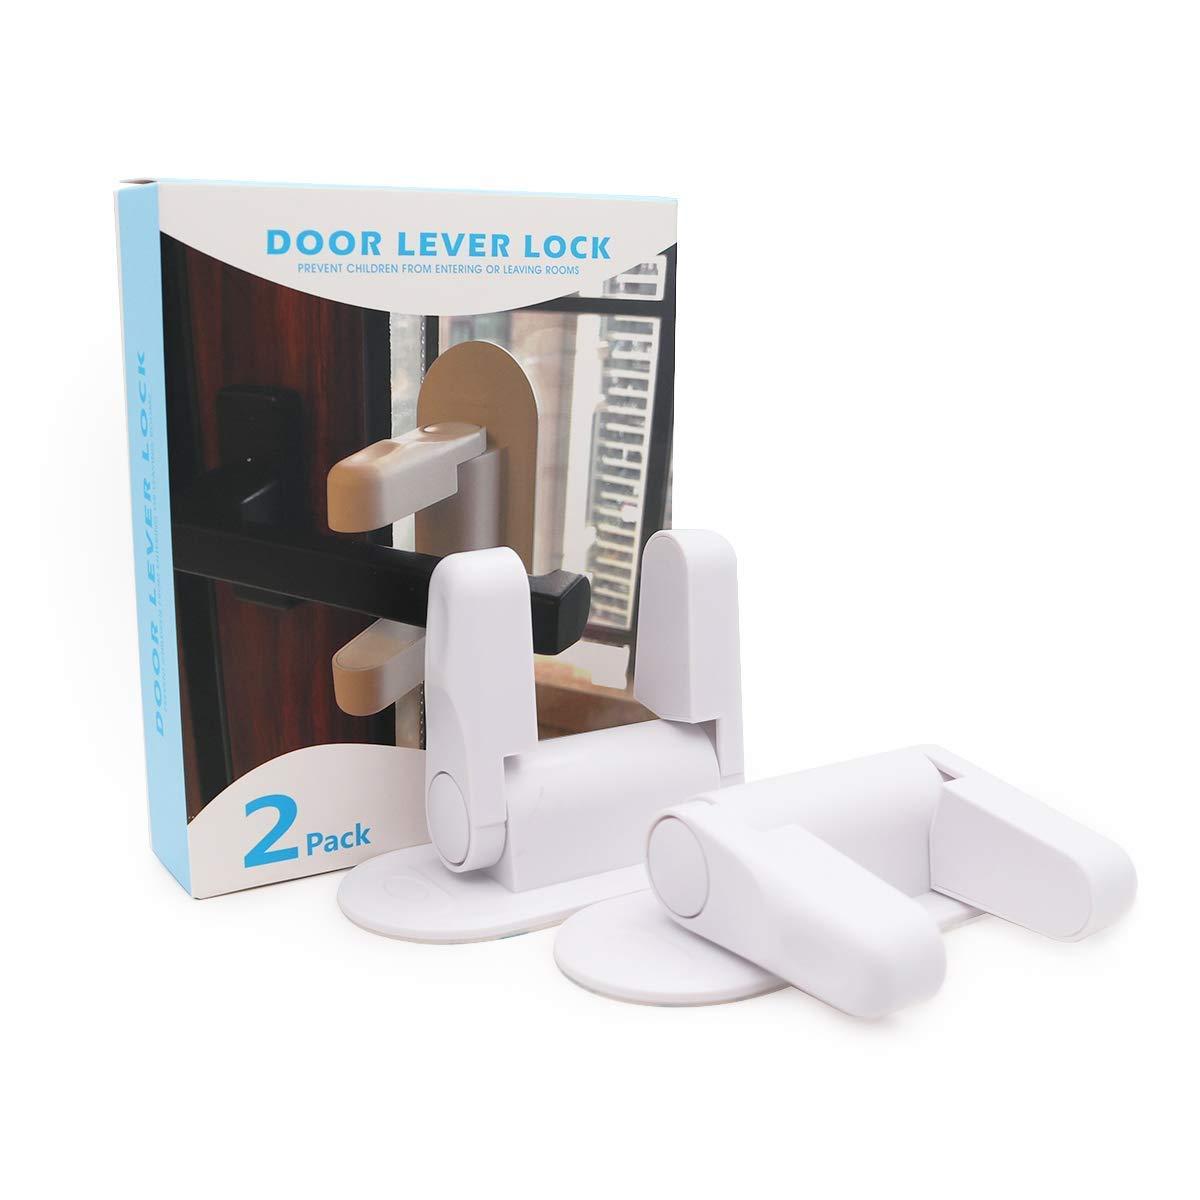 Beytortor Door Lever Lock 2 Pcs Child Proof Door Handle Lock Baby Safety Door Lock Kids Safety Lock Protector 3M Adhesive White